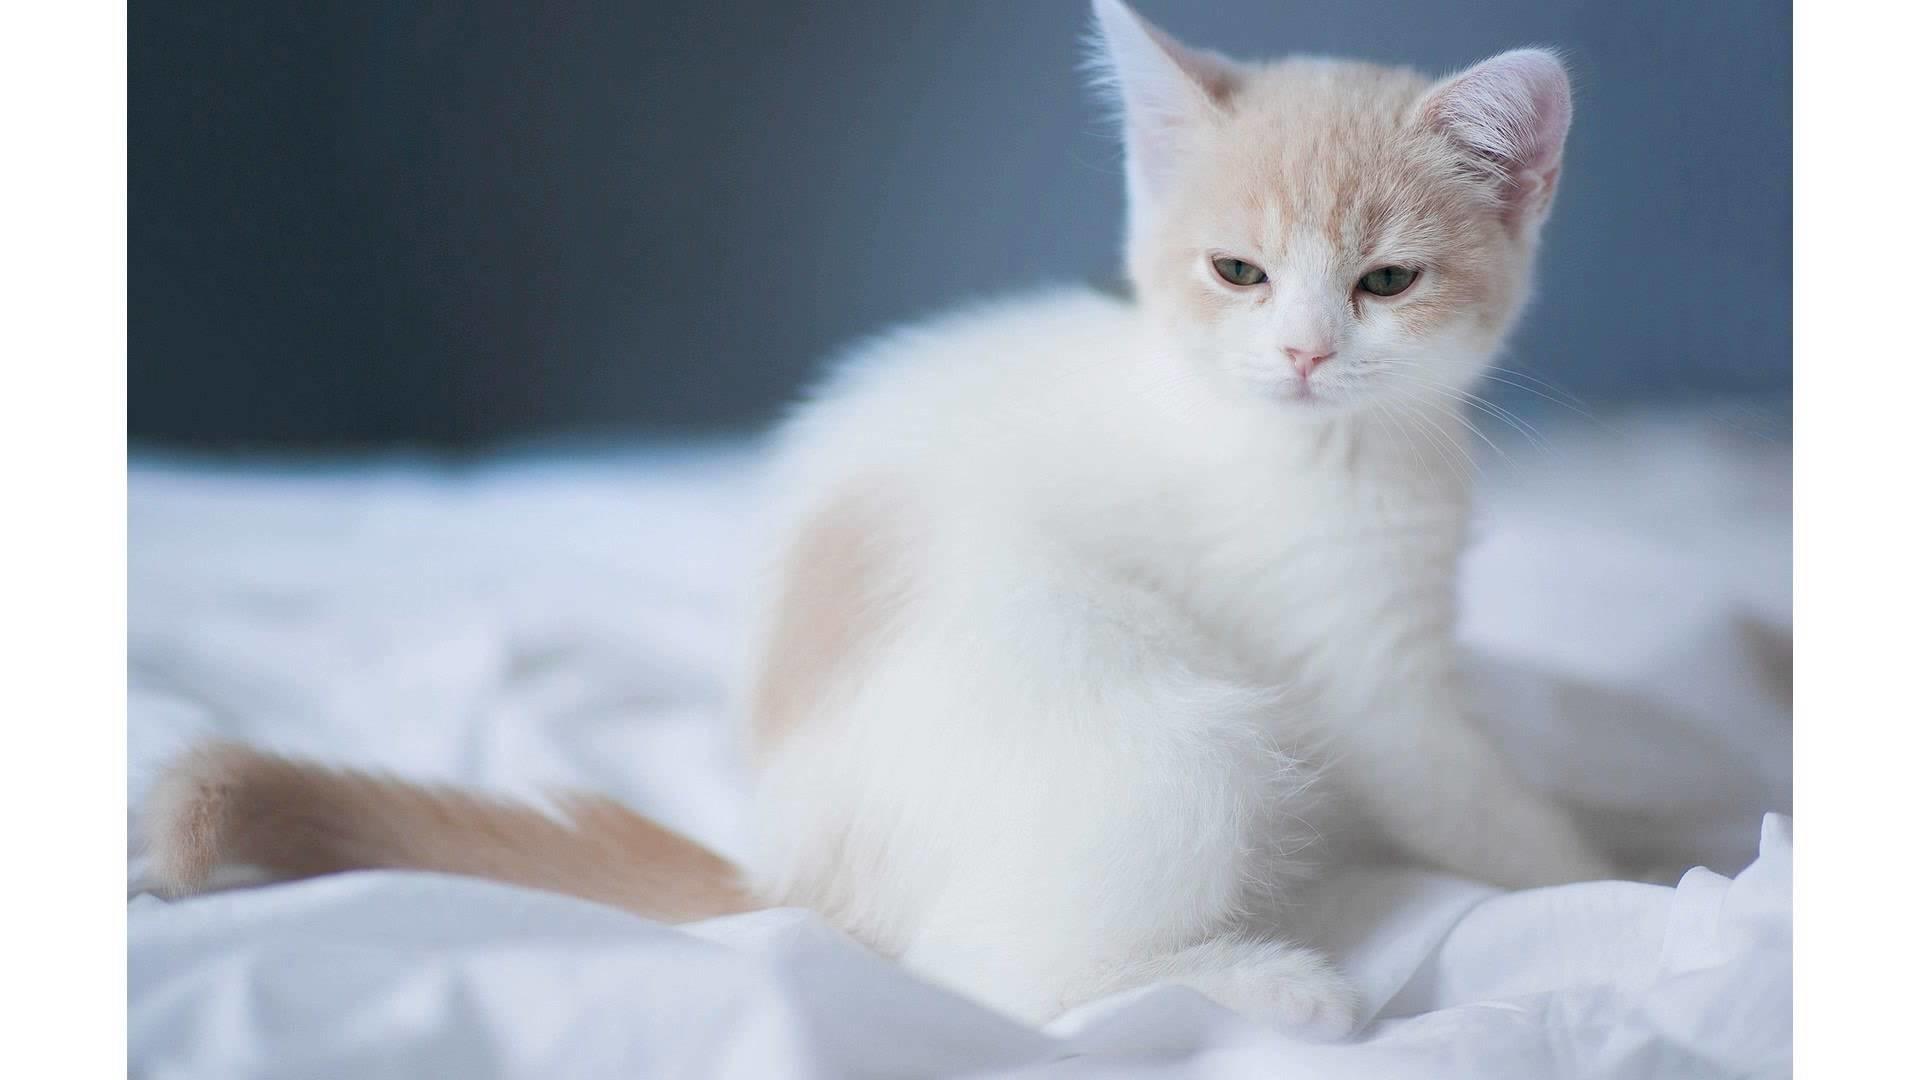 1920x1080 Cute White Cat Wallpaper